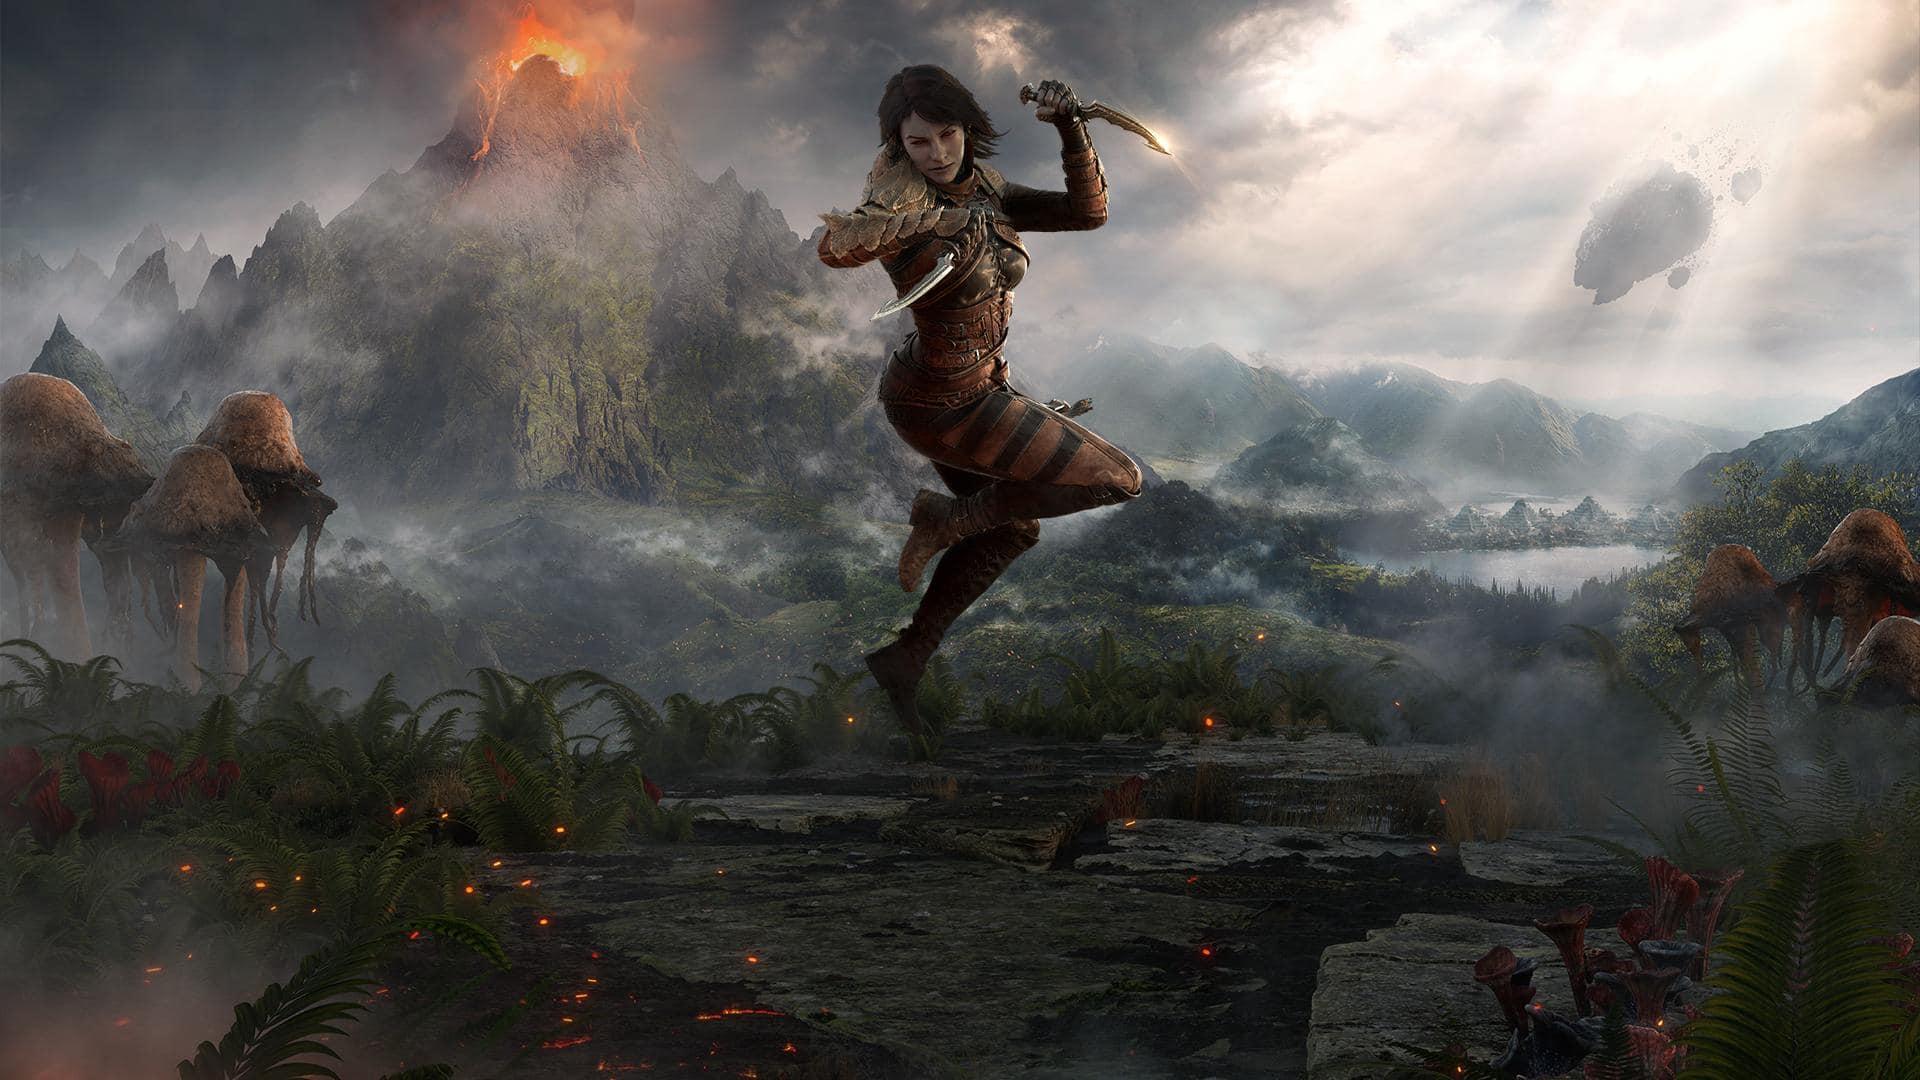 Morrowind the elder scrolls online - Morrowind wallpaper ...